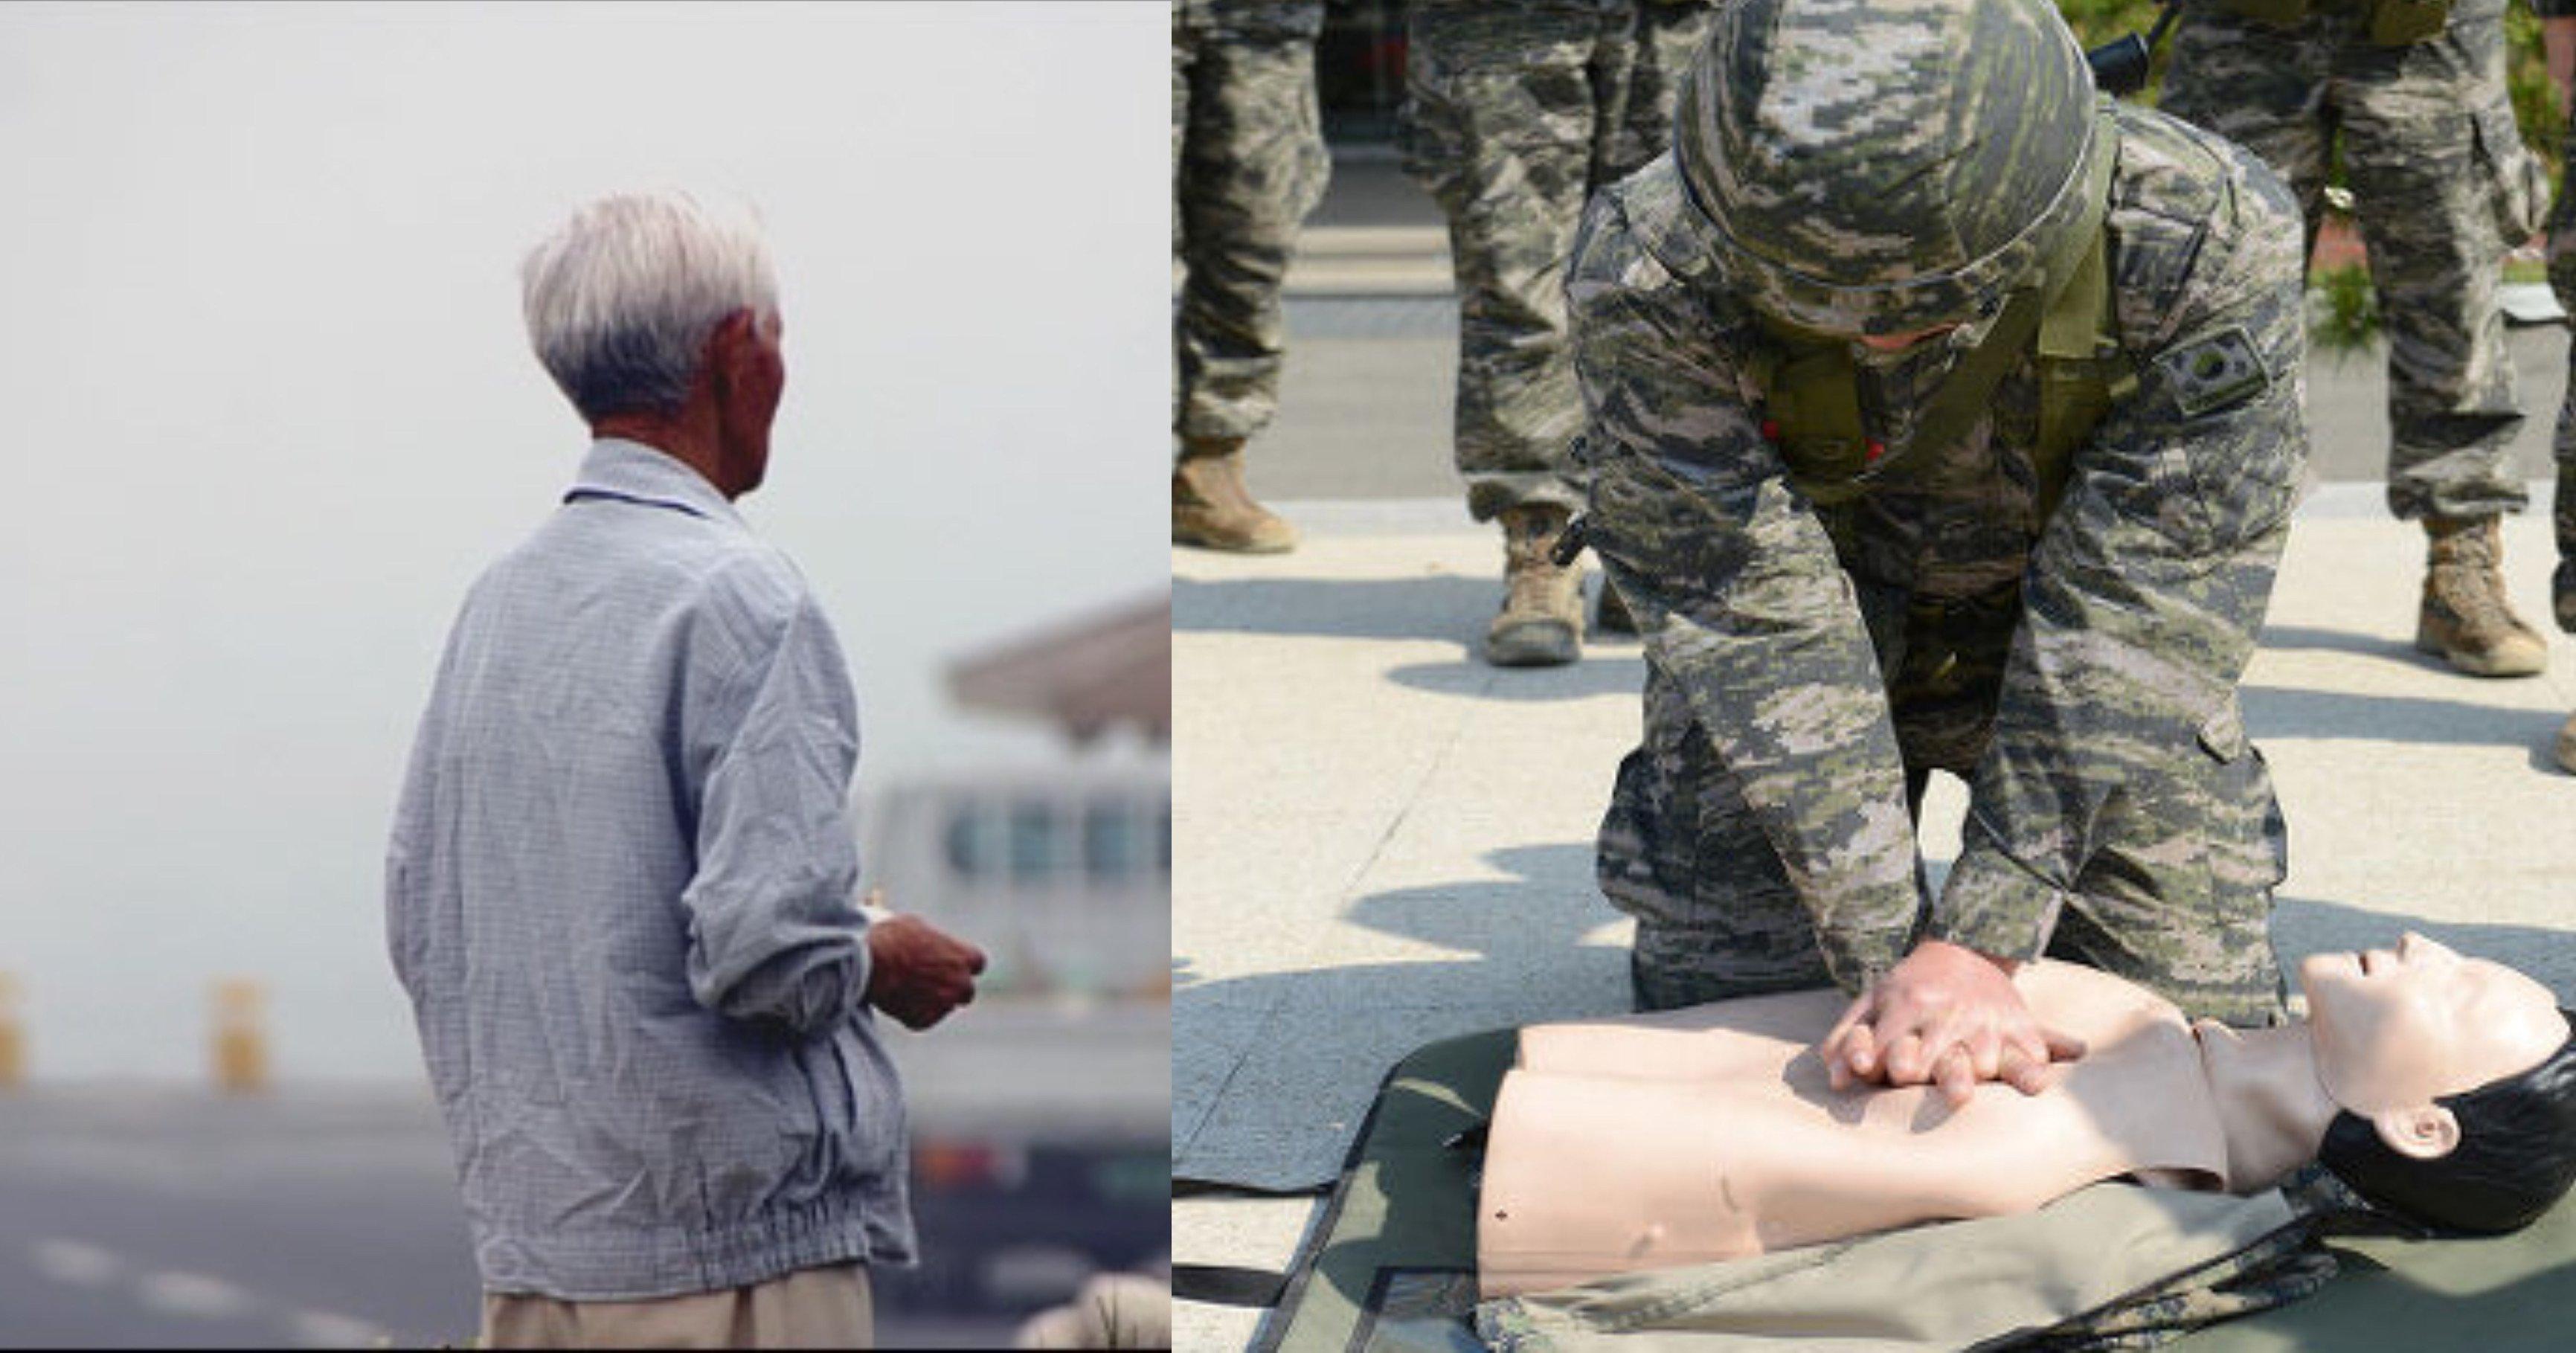 eab5b0eb8b98 ec8db8eb84a4ec9dbc.jpg?resize=412,232 - 휴가 나왔다가 복귀 길에 쓰러진 '할아버지' 발견해 군대에서 배운 '구급법'으로 살린 군인